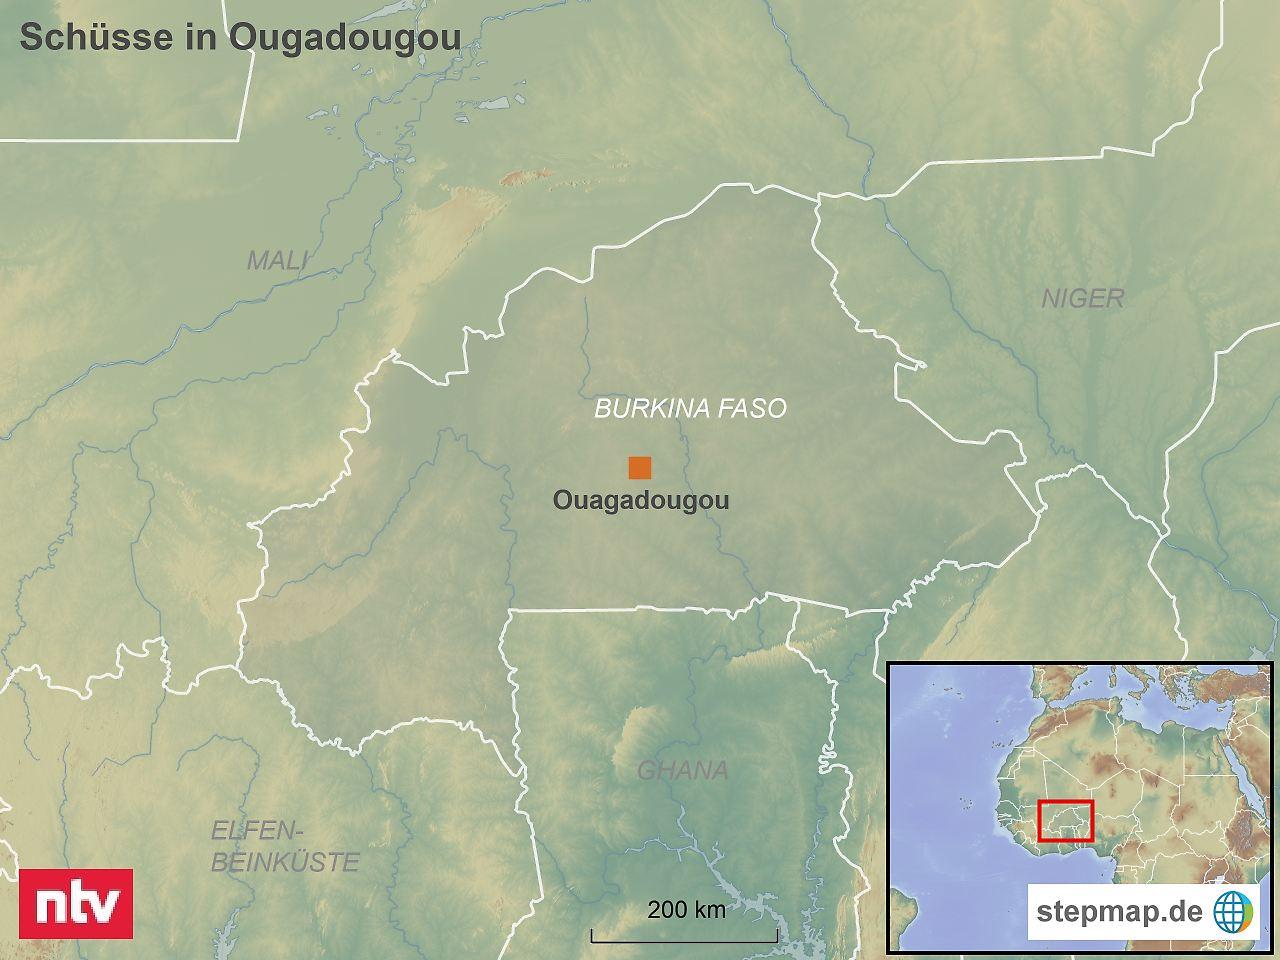 Schüsse und Rauch in Botschaftsviertel in Burkina Faso